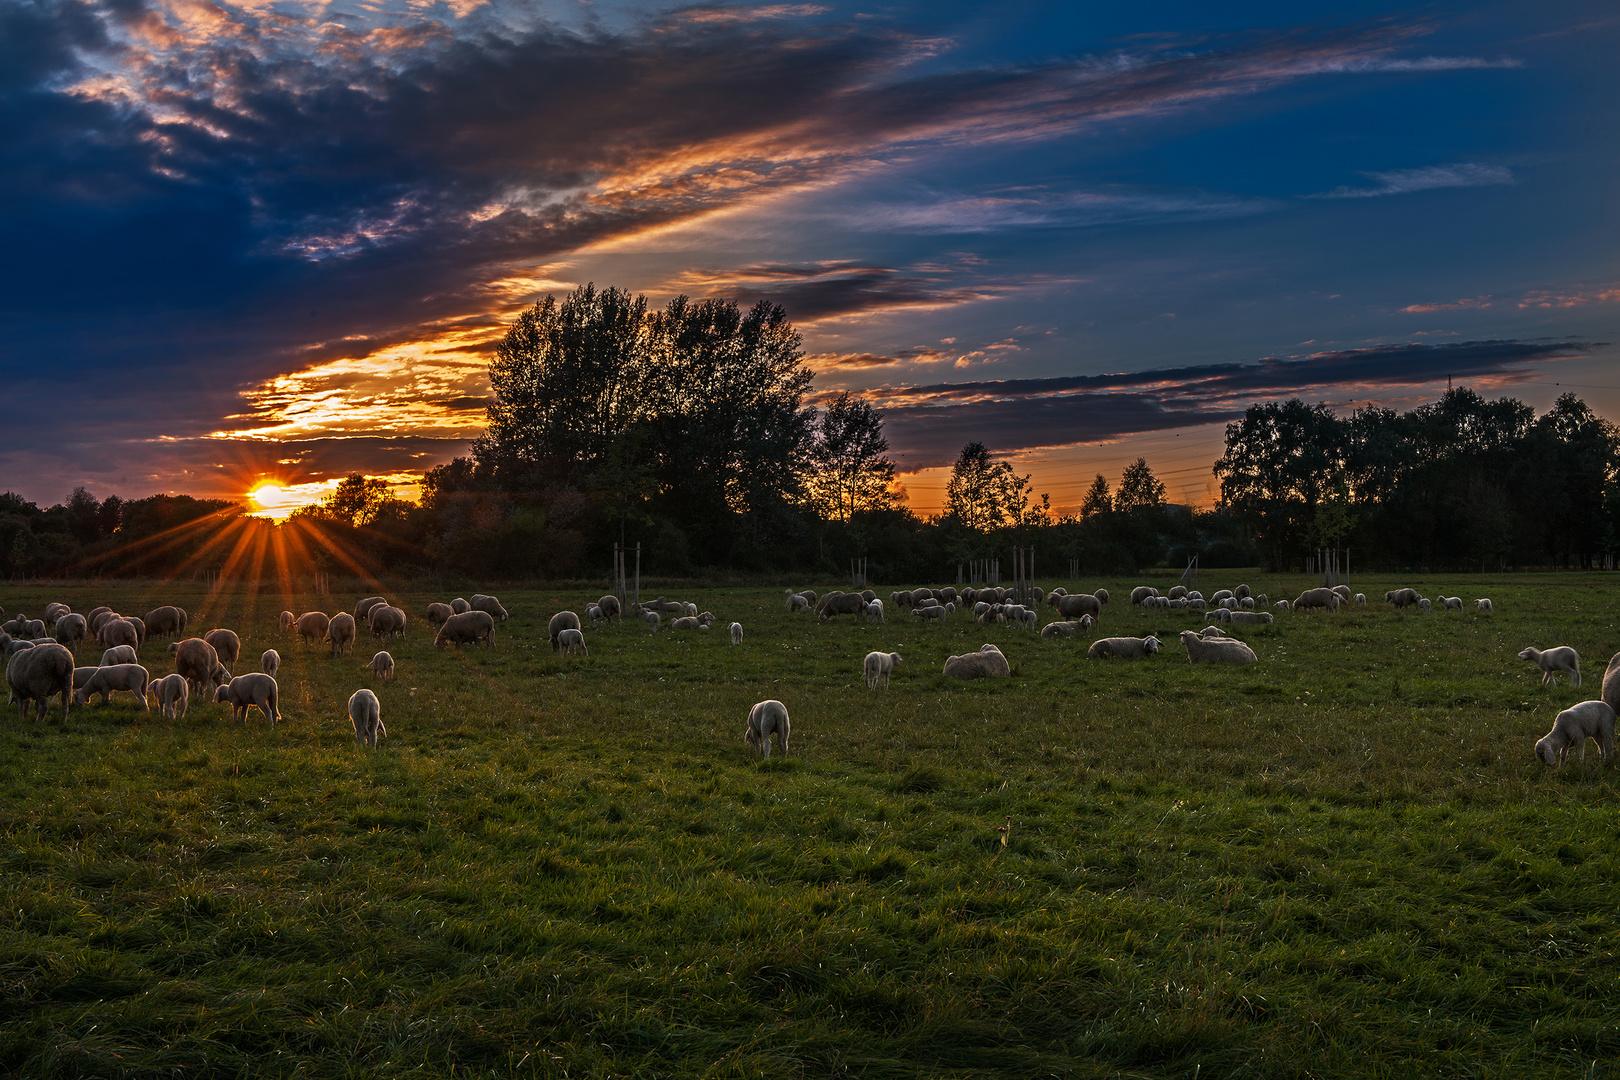 Sonnenuntergang bei der Schafherde